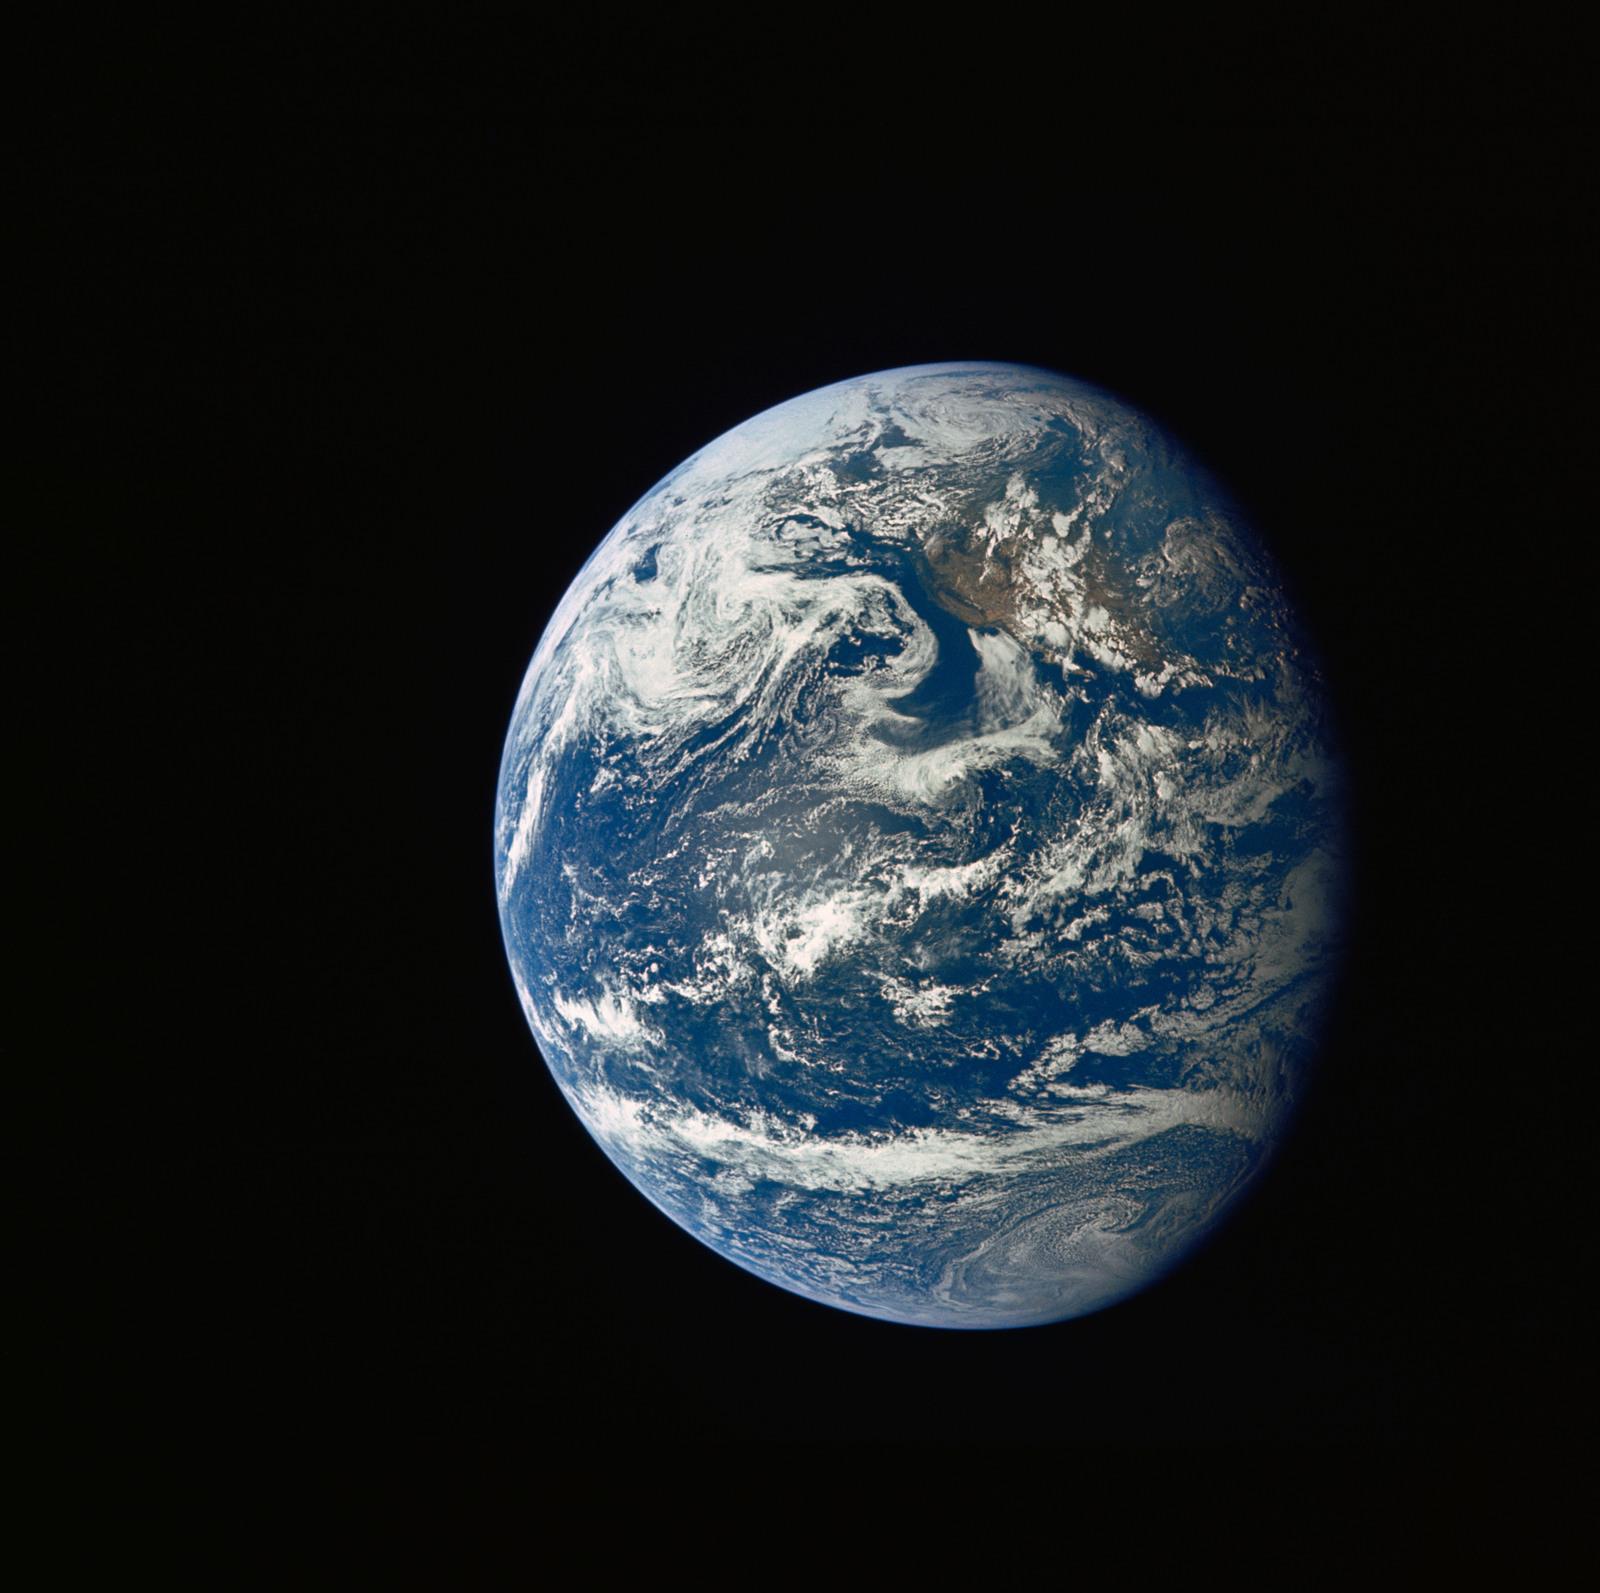 AS11-36-5339 - Apollo 11 - Apollo 11 Mission image - Earth view over Central and North America